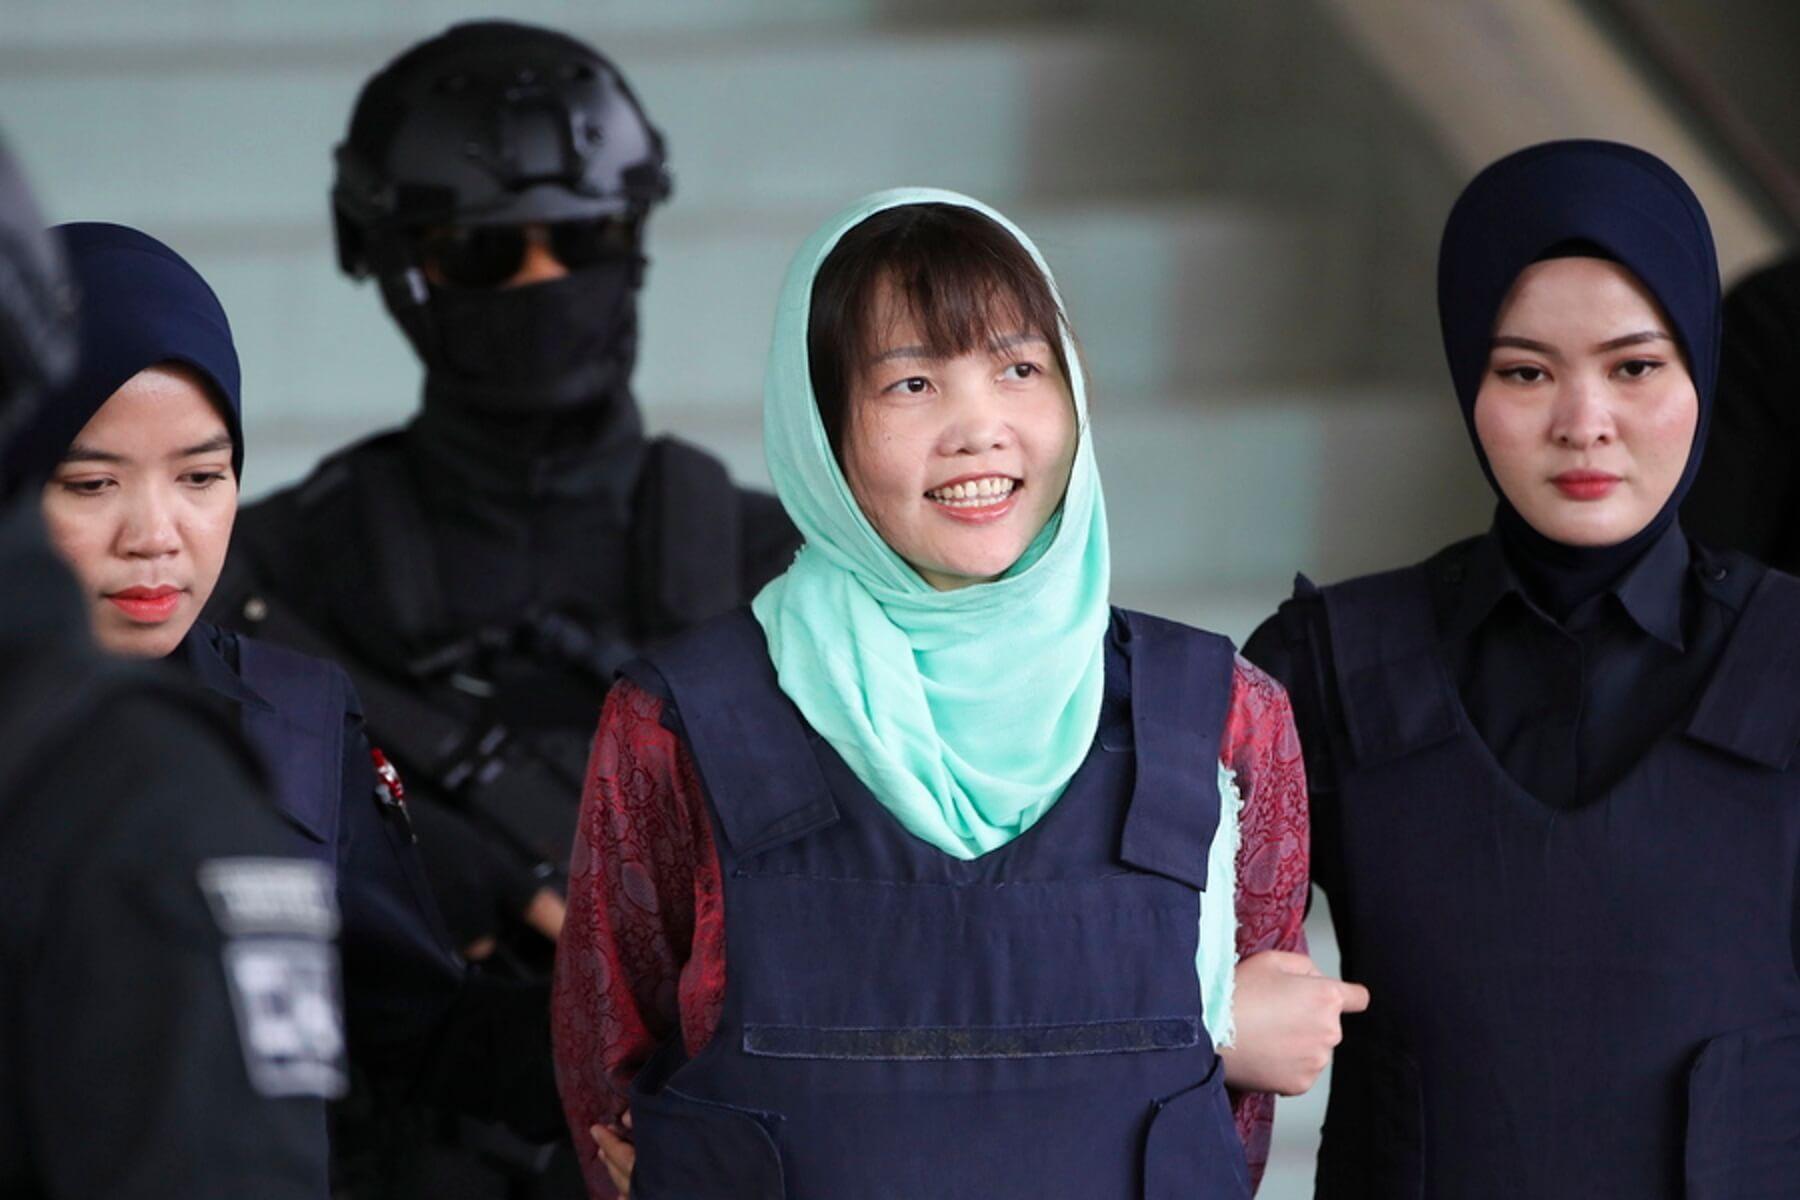 Μαλαισία: Ανήλικη αρχηγός του κινήματος κατά της σεξουαλικής κακοποίησης